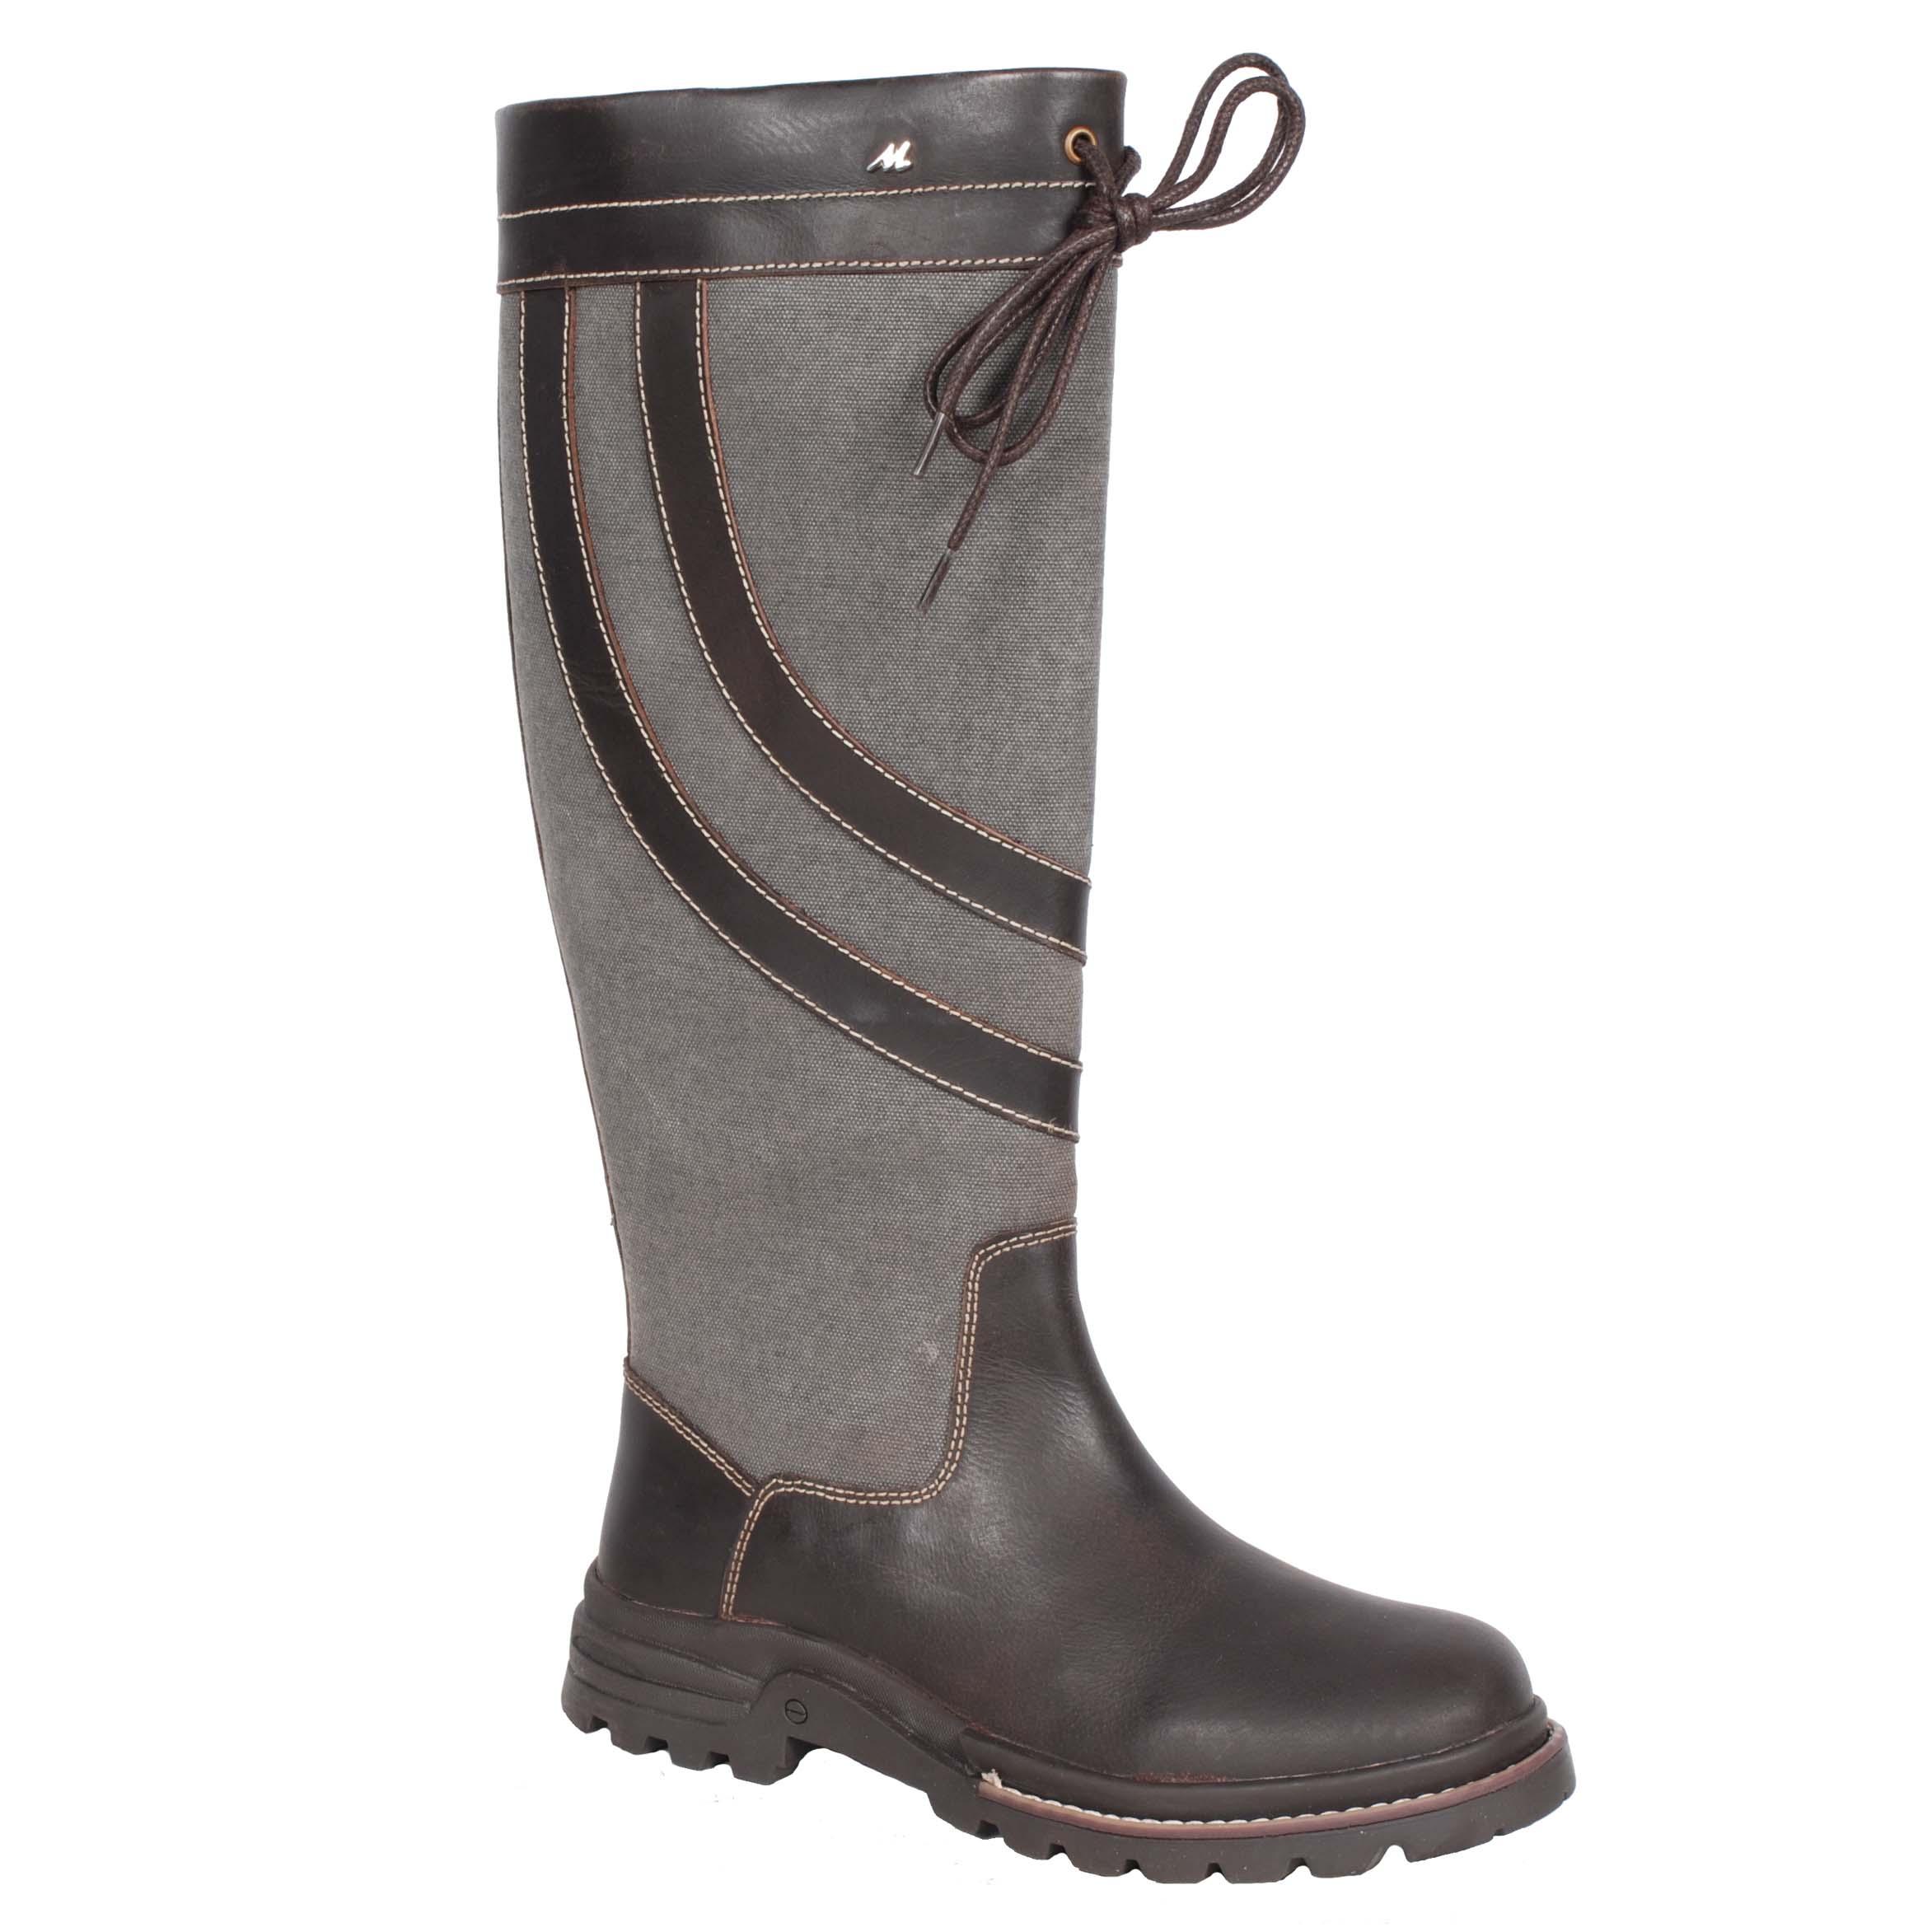 Mondoni Nordland outdoor laarzen bruin maat:38